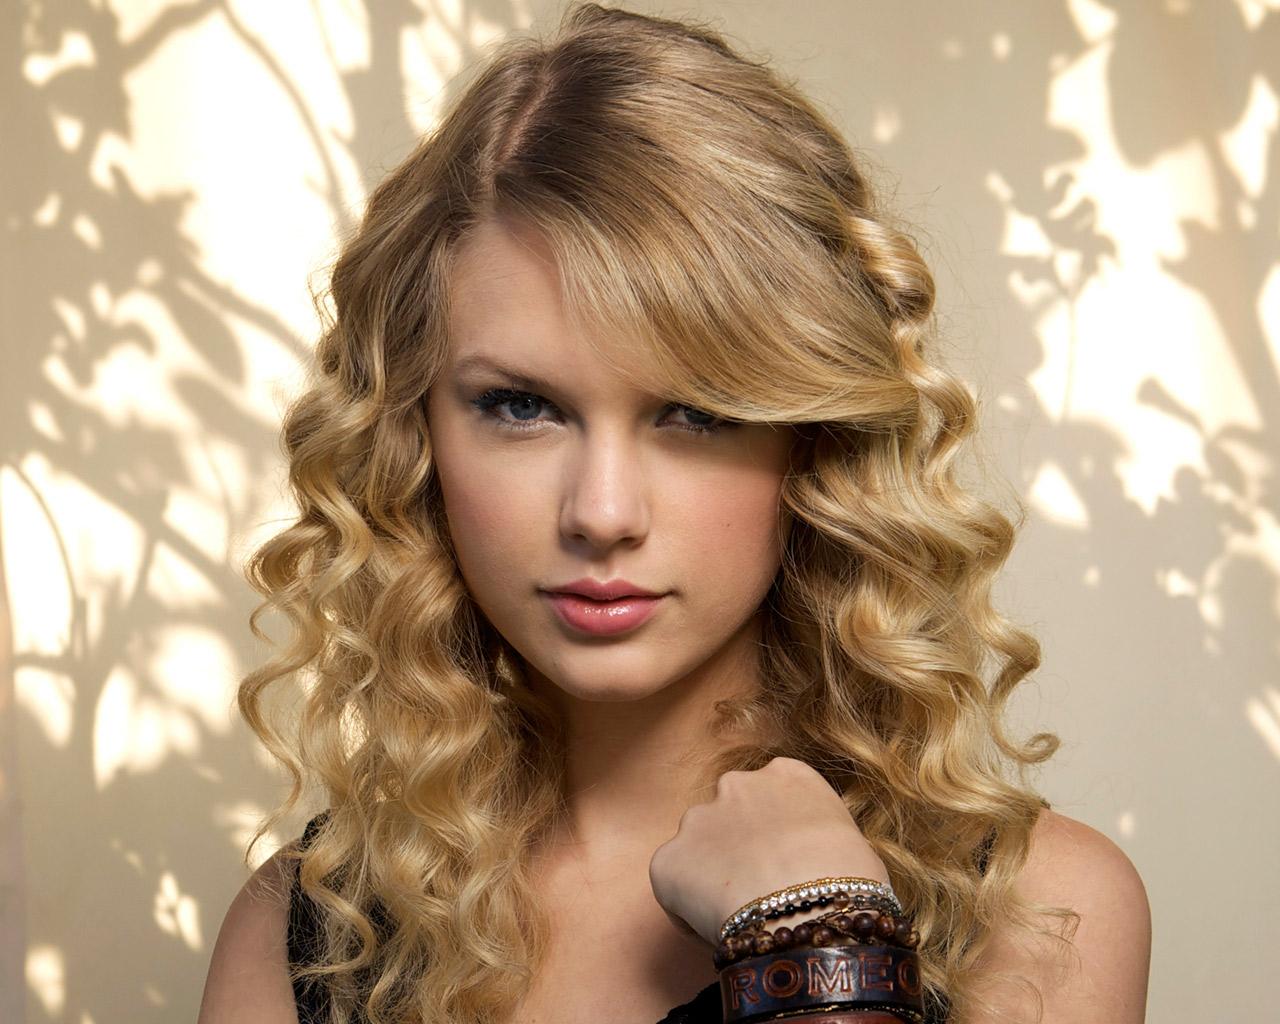 http://2.bp.blogspot.com/_LEKOsJwAnLE/S6mxr7-jdtI/AAAAAAAAAvE/jaxPw3a8J6I/s1600/Taylor_Swift,_Singer.jpg